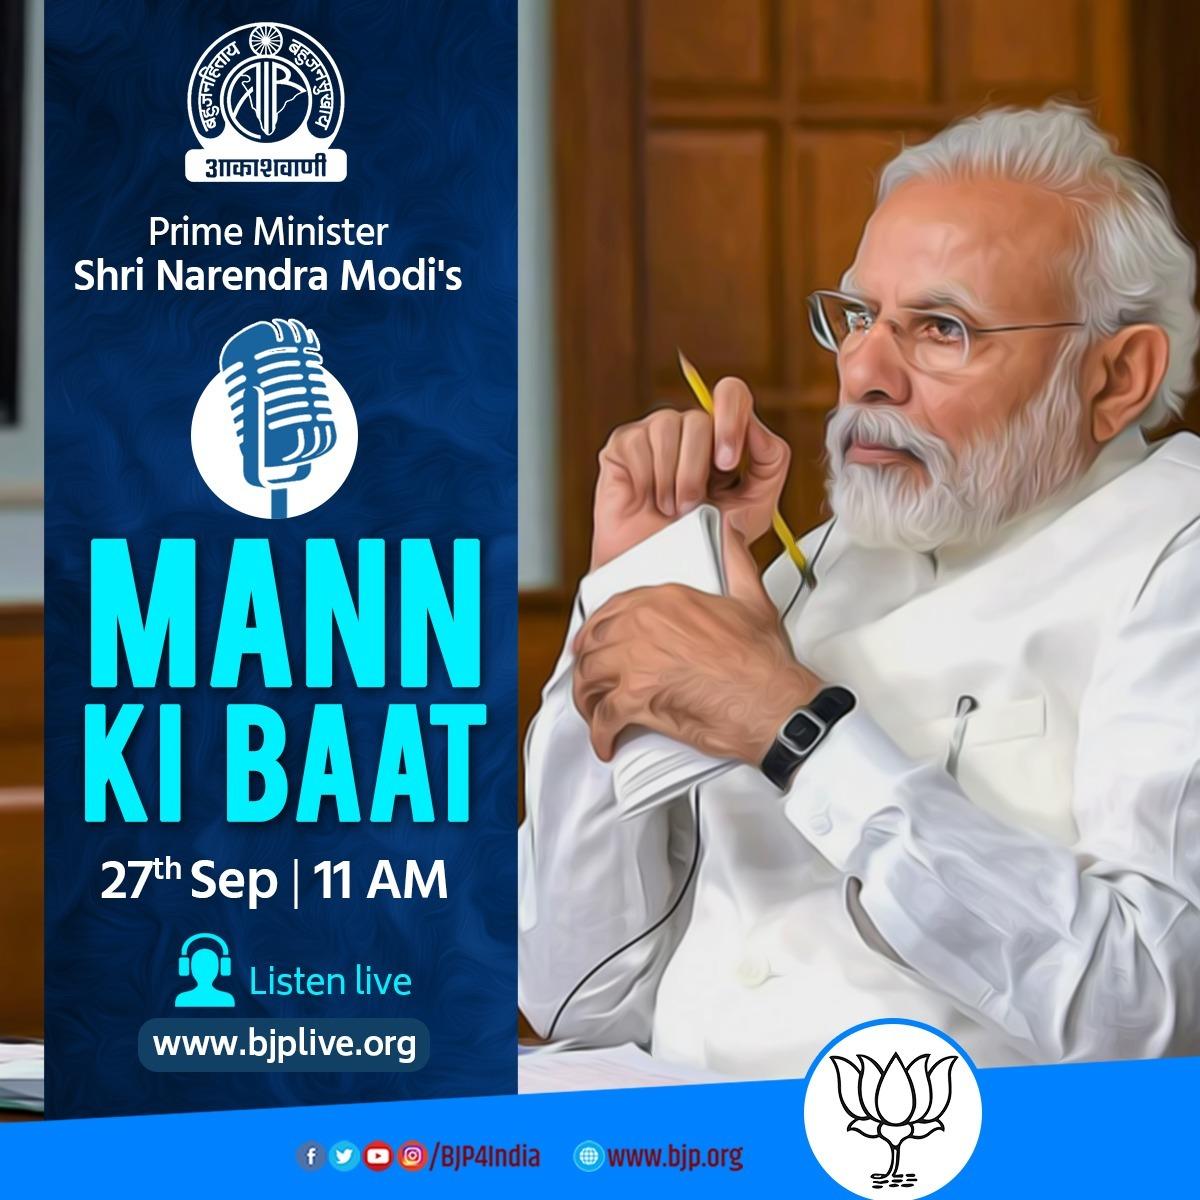 Listen to PM Shri @narendramodi at 11 am on 27th September 2020 as he share his #MannKiBaat   Listen LIVE at • https://t.co/jRNKXlXMgN • https://t.co/WfIGaV1oKX • https://t.co/3uociMztVE • https://t.co/WMqtgTsley https://t.co/ItKcnx0q1g